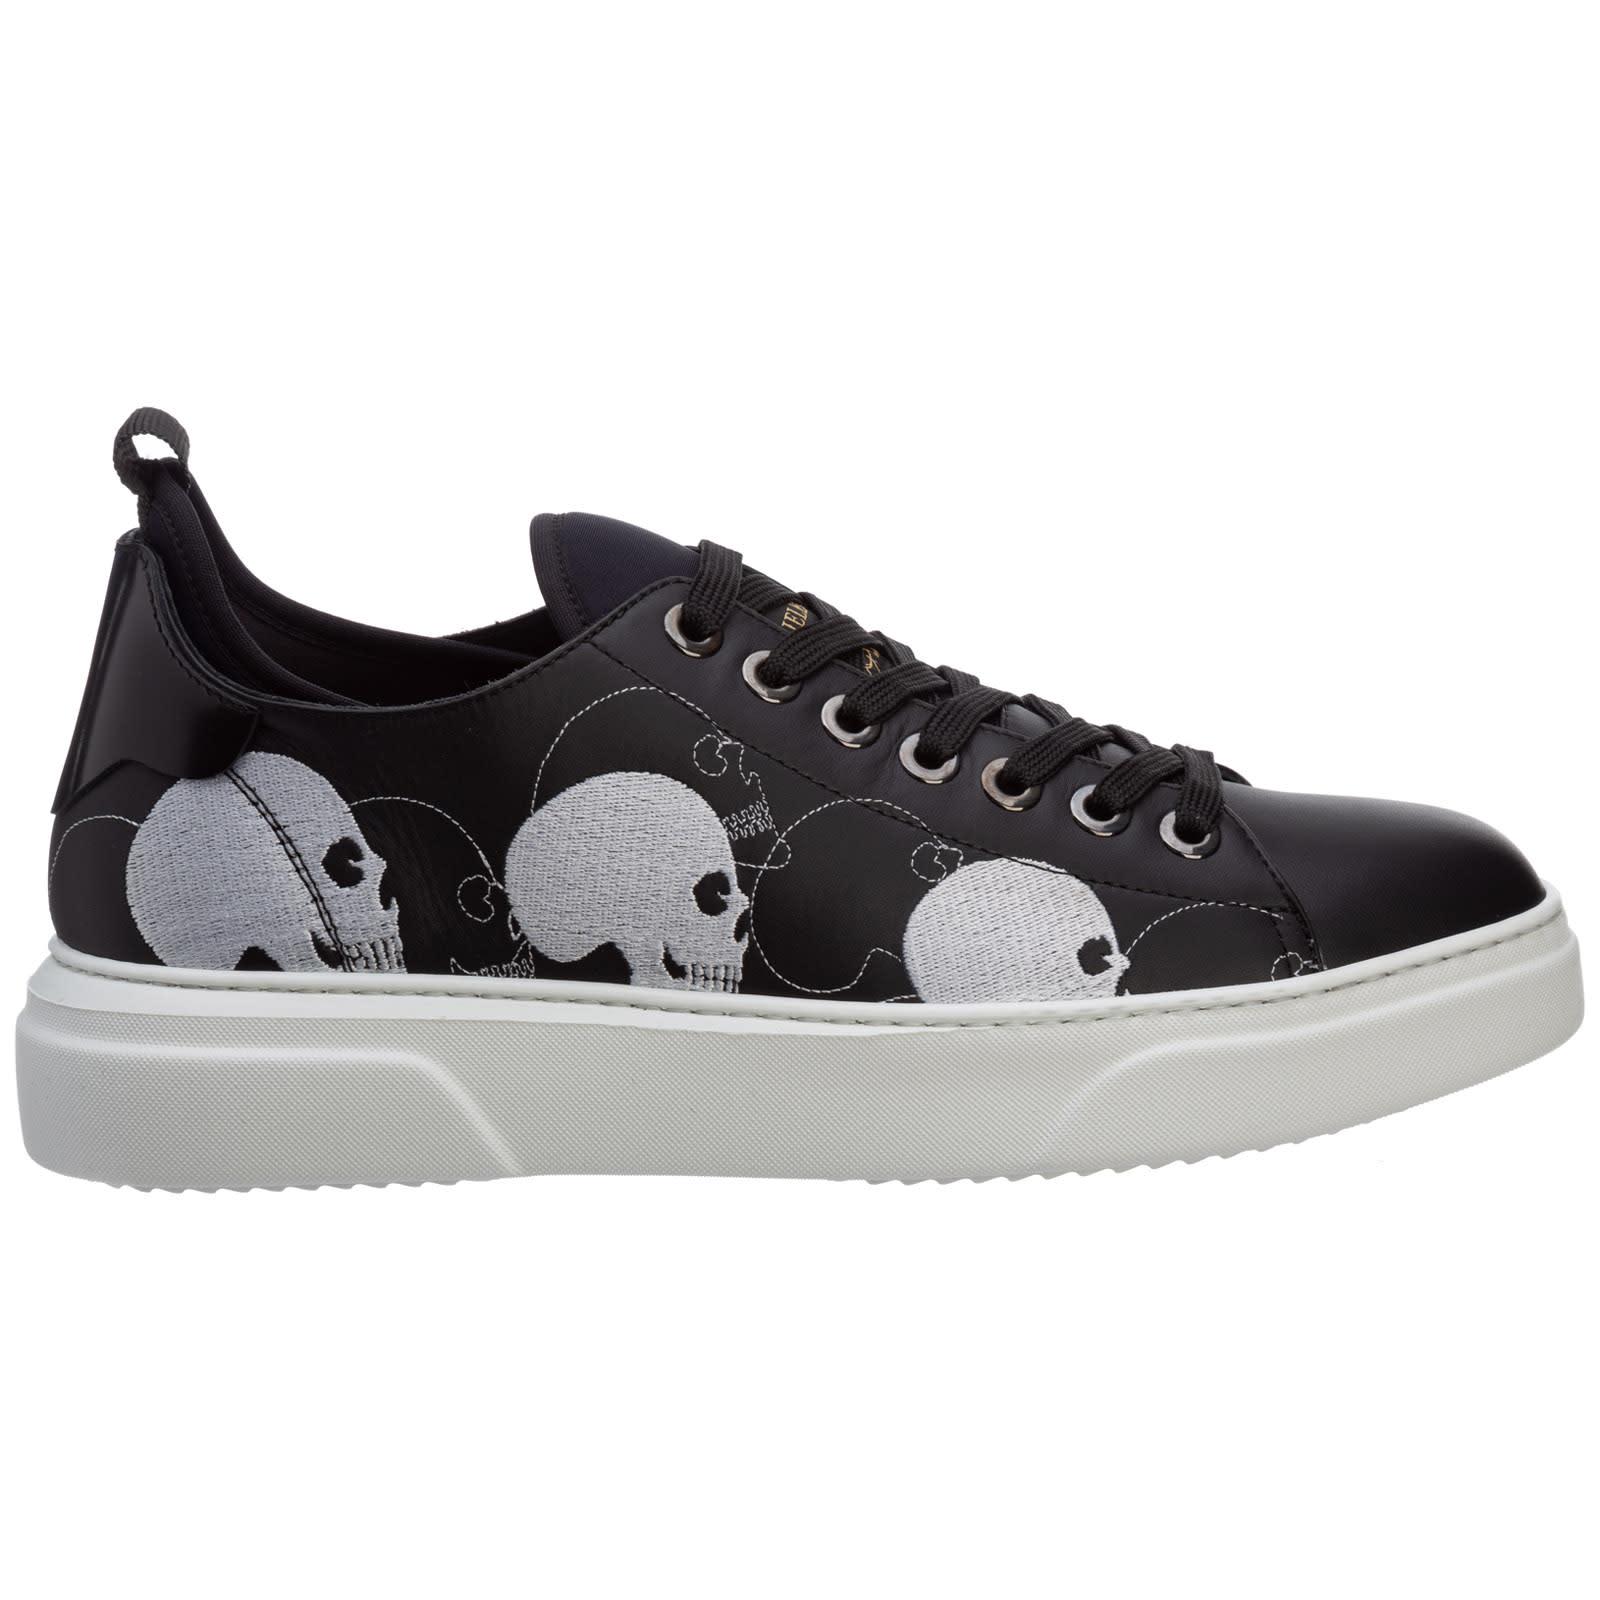 Eze Sneakers